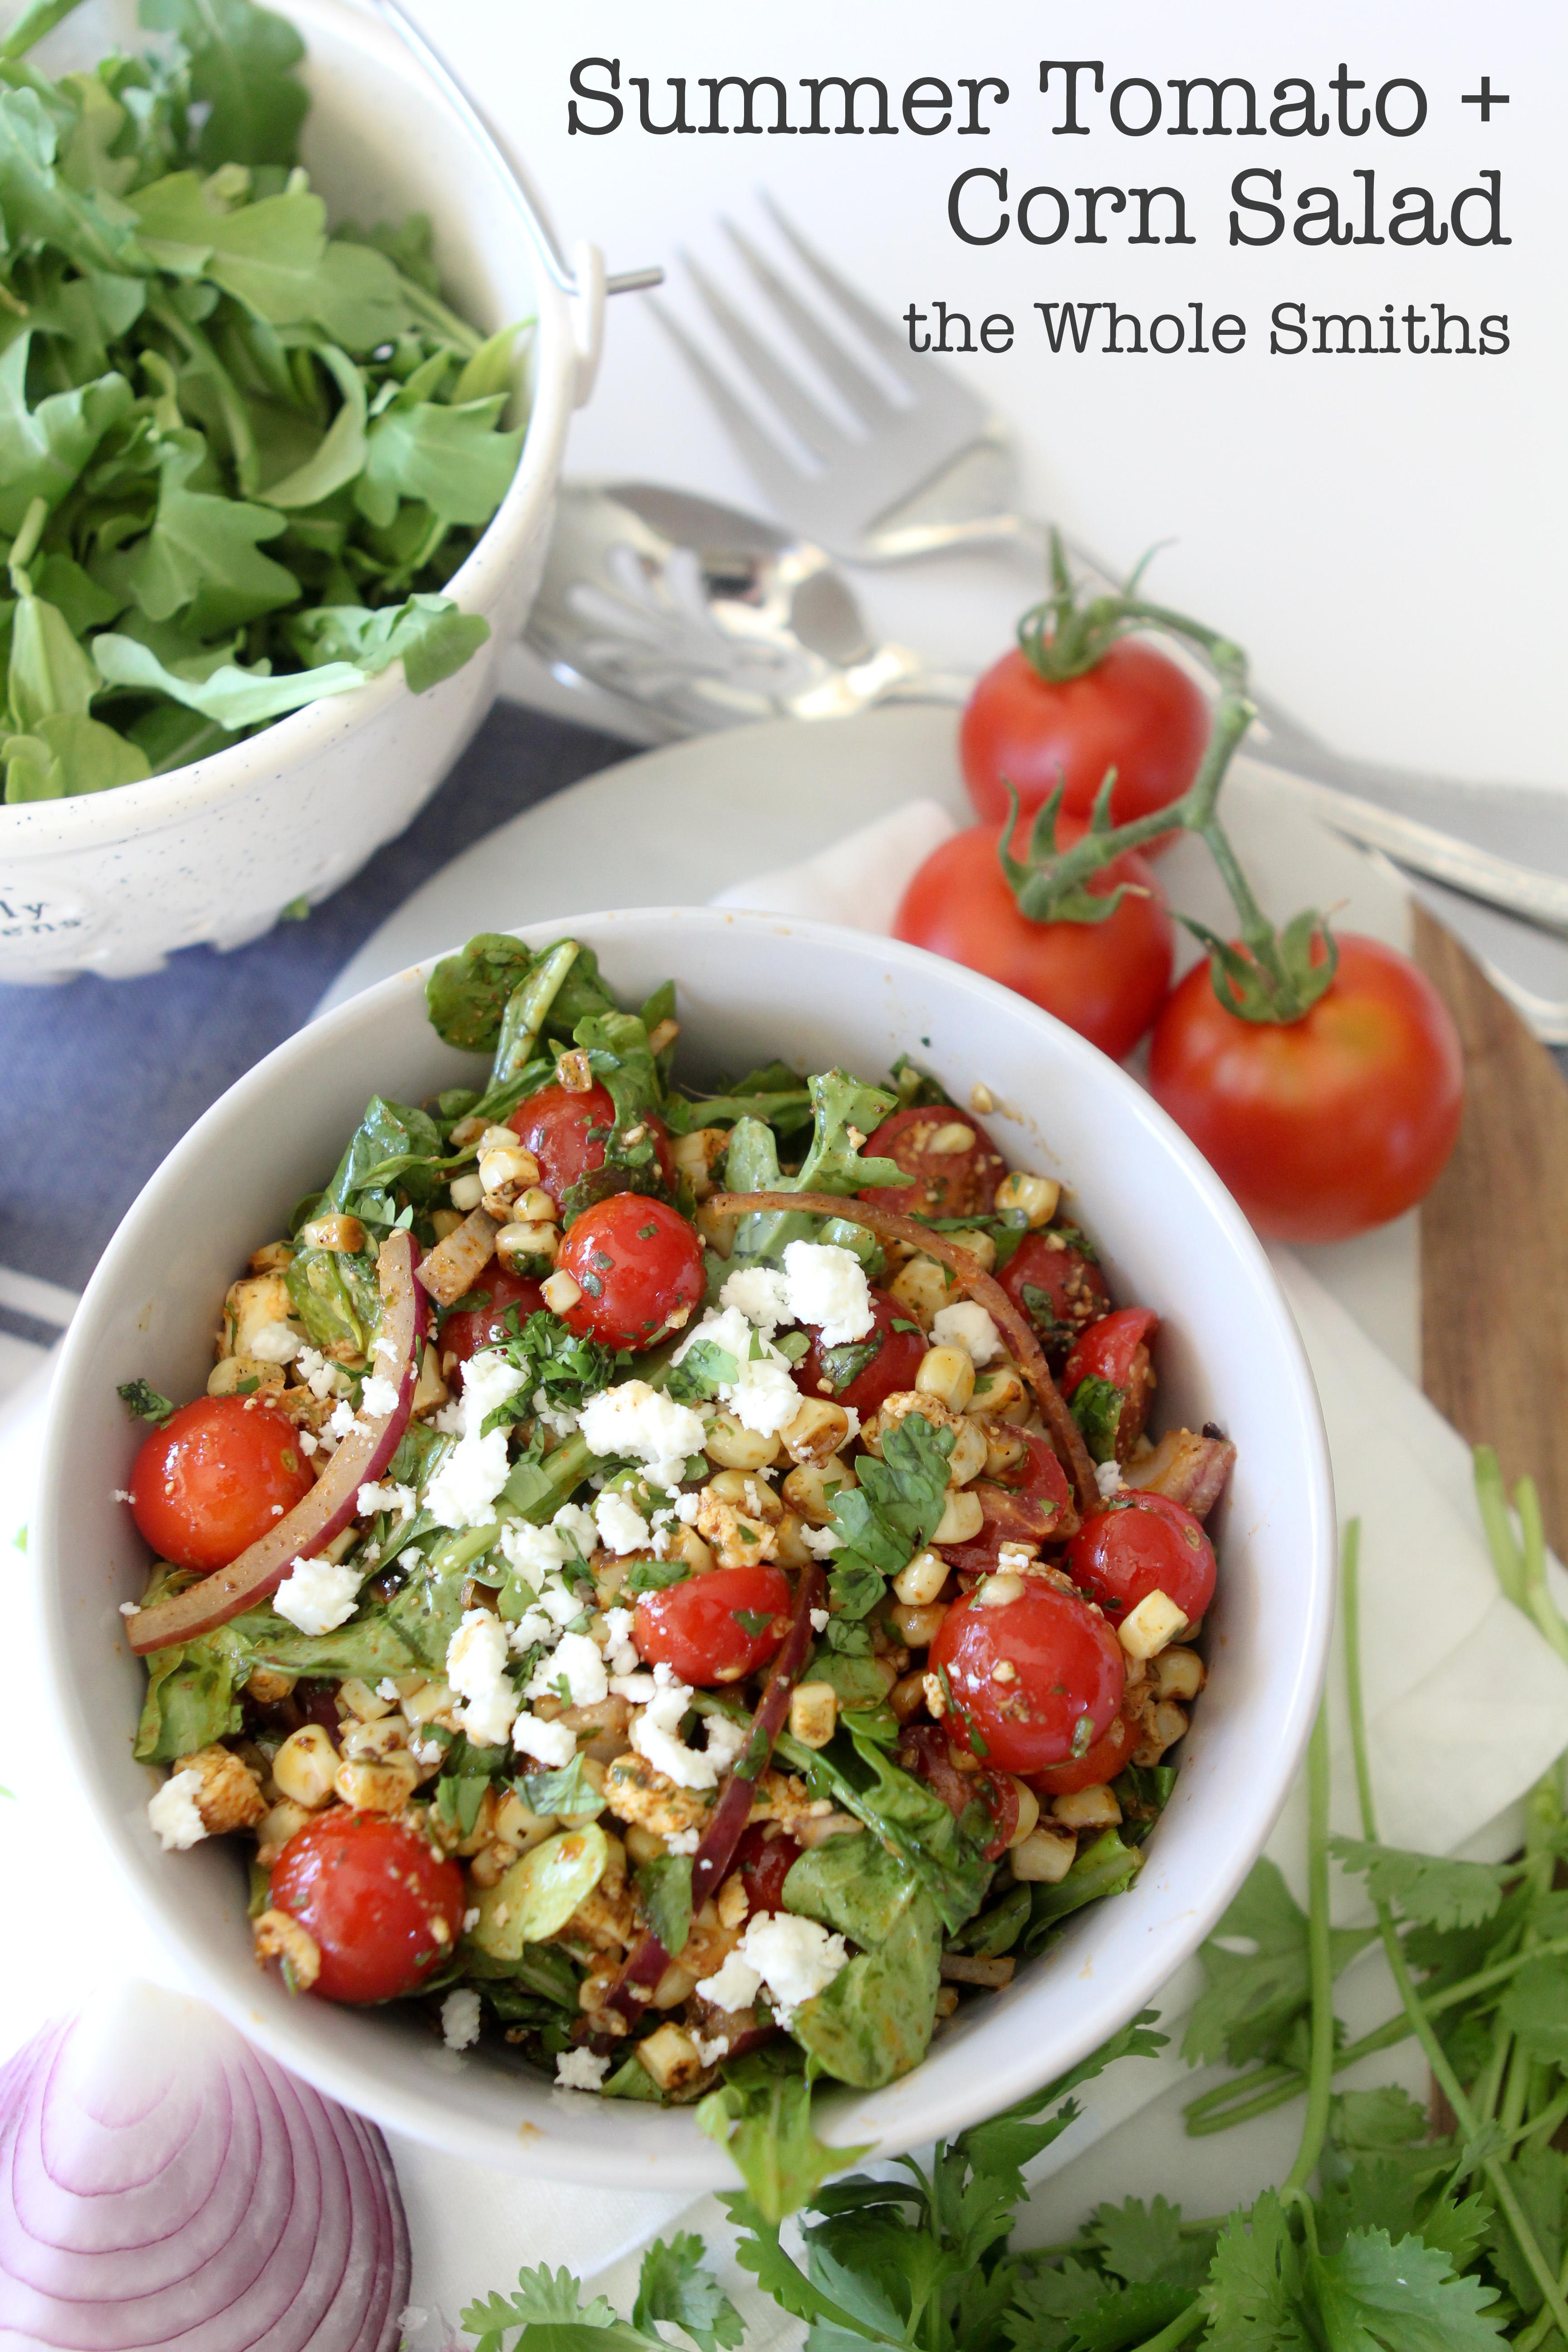 Summer Tomato & Corn Salad